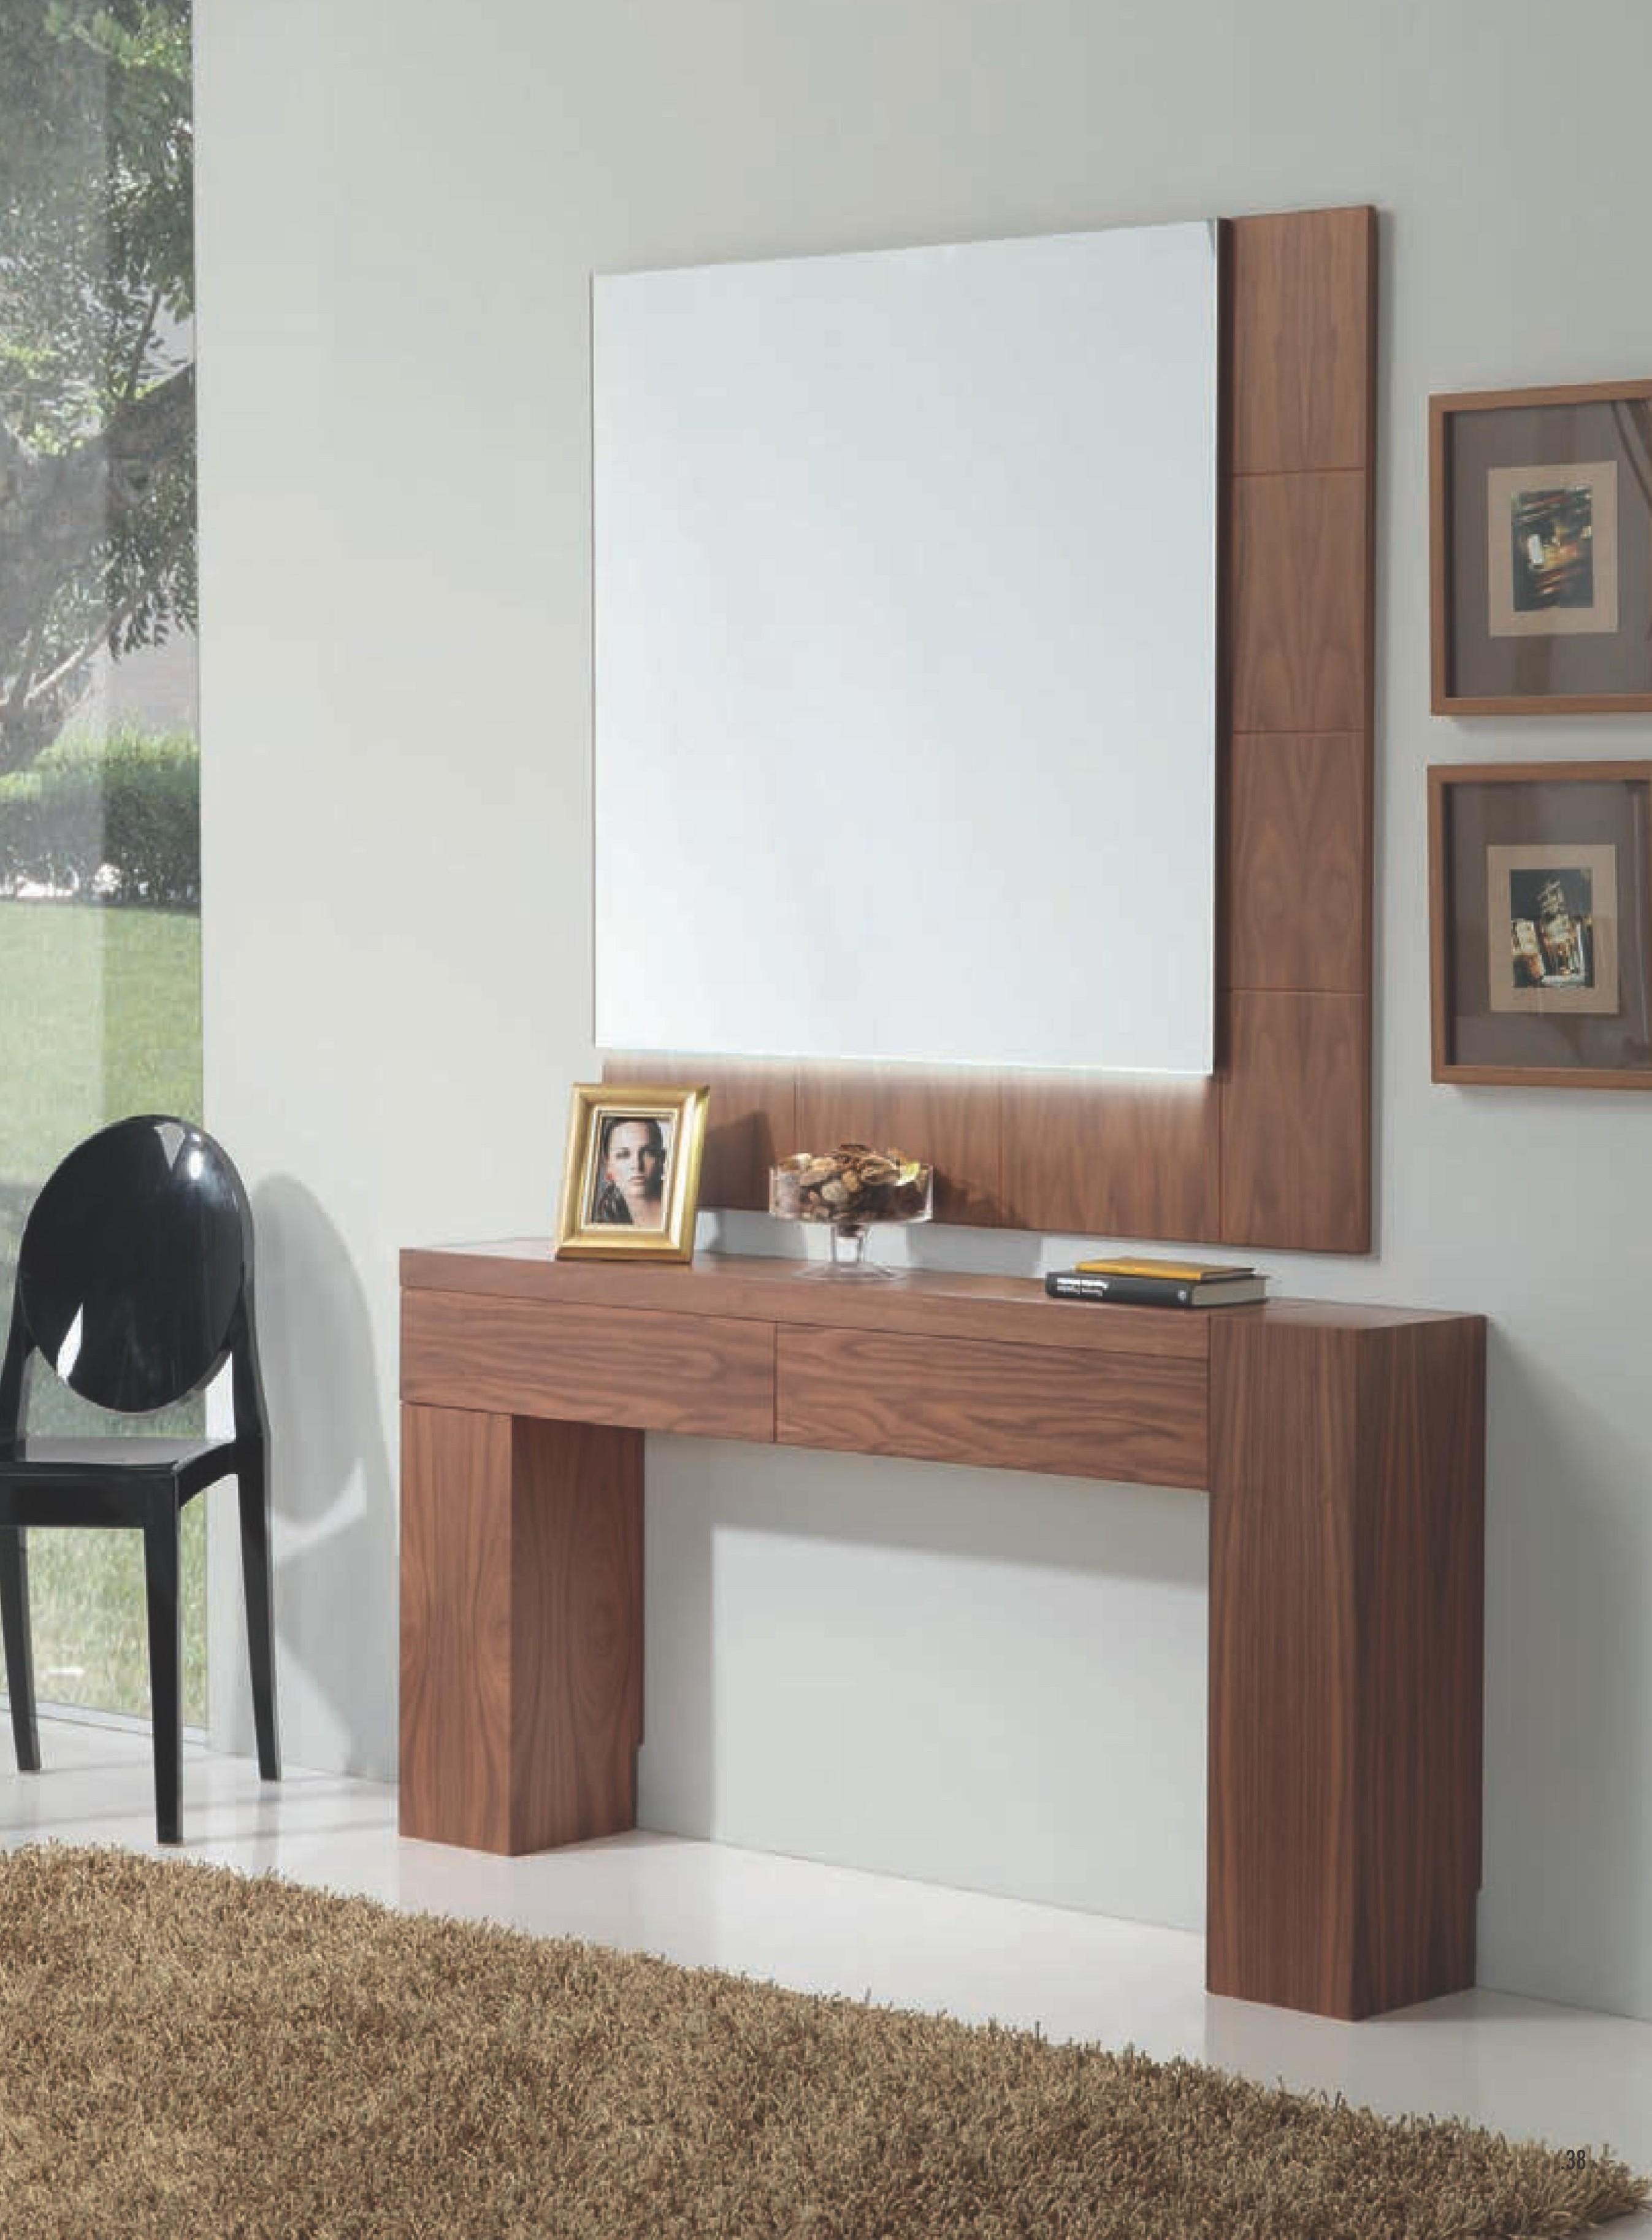 Recibidor moderno madera lacado leds 0194 494 496 mobles sedav - Mueble recibidor madera ...